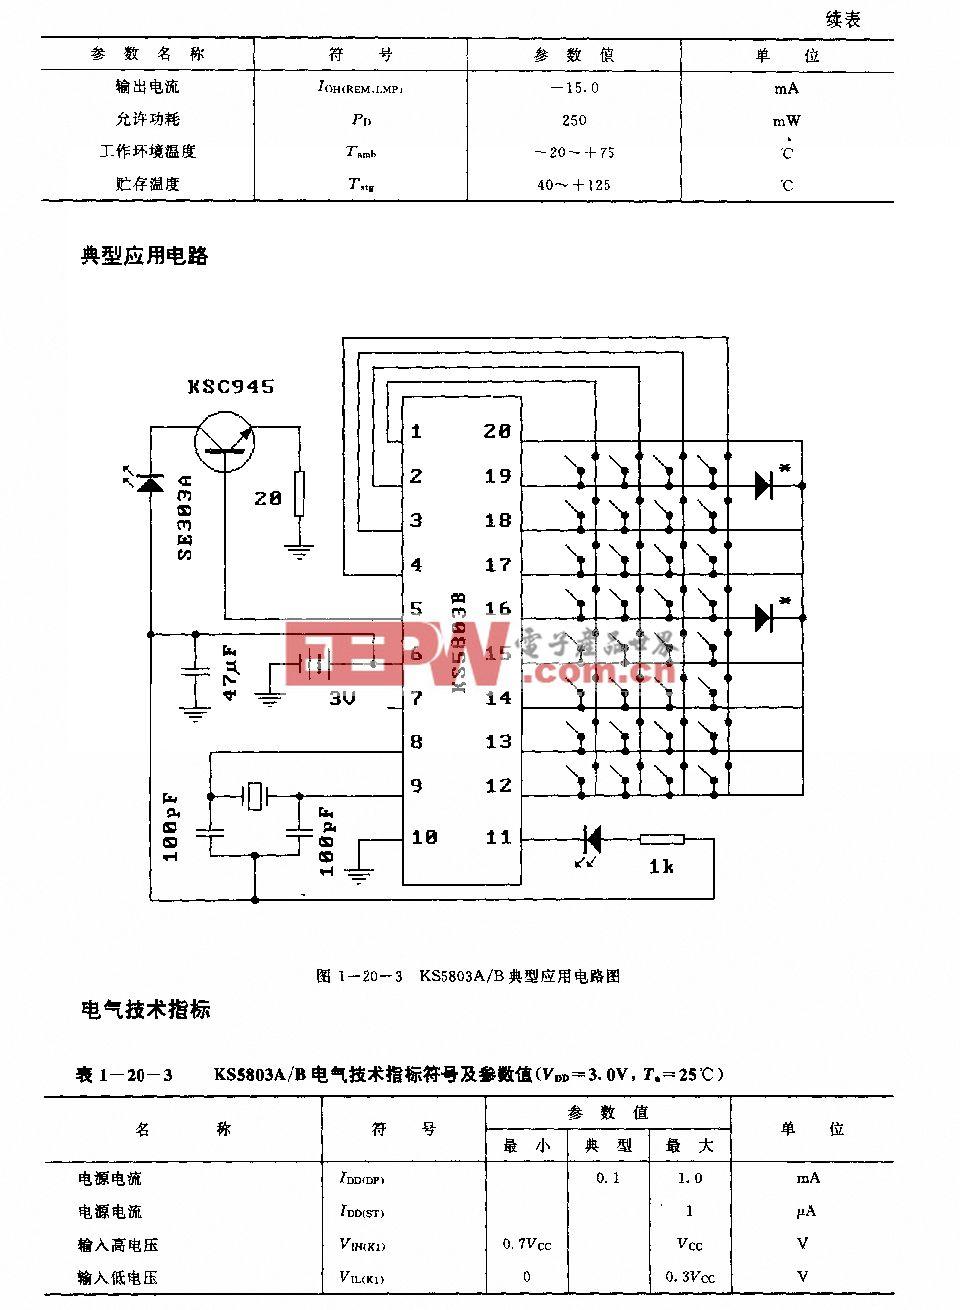 KS5803A/B(录音机、电视机、录像机和玩具)红外线遥控发射电路